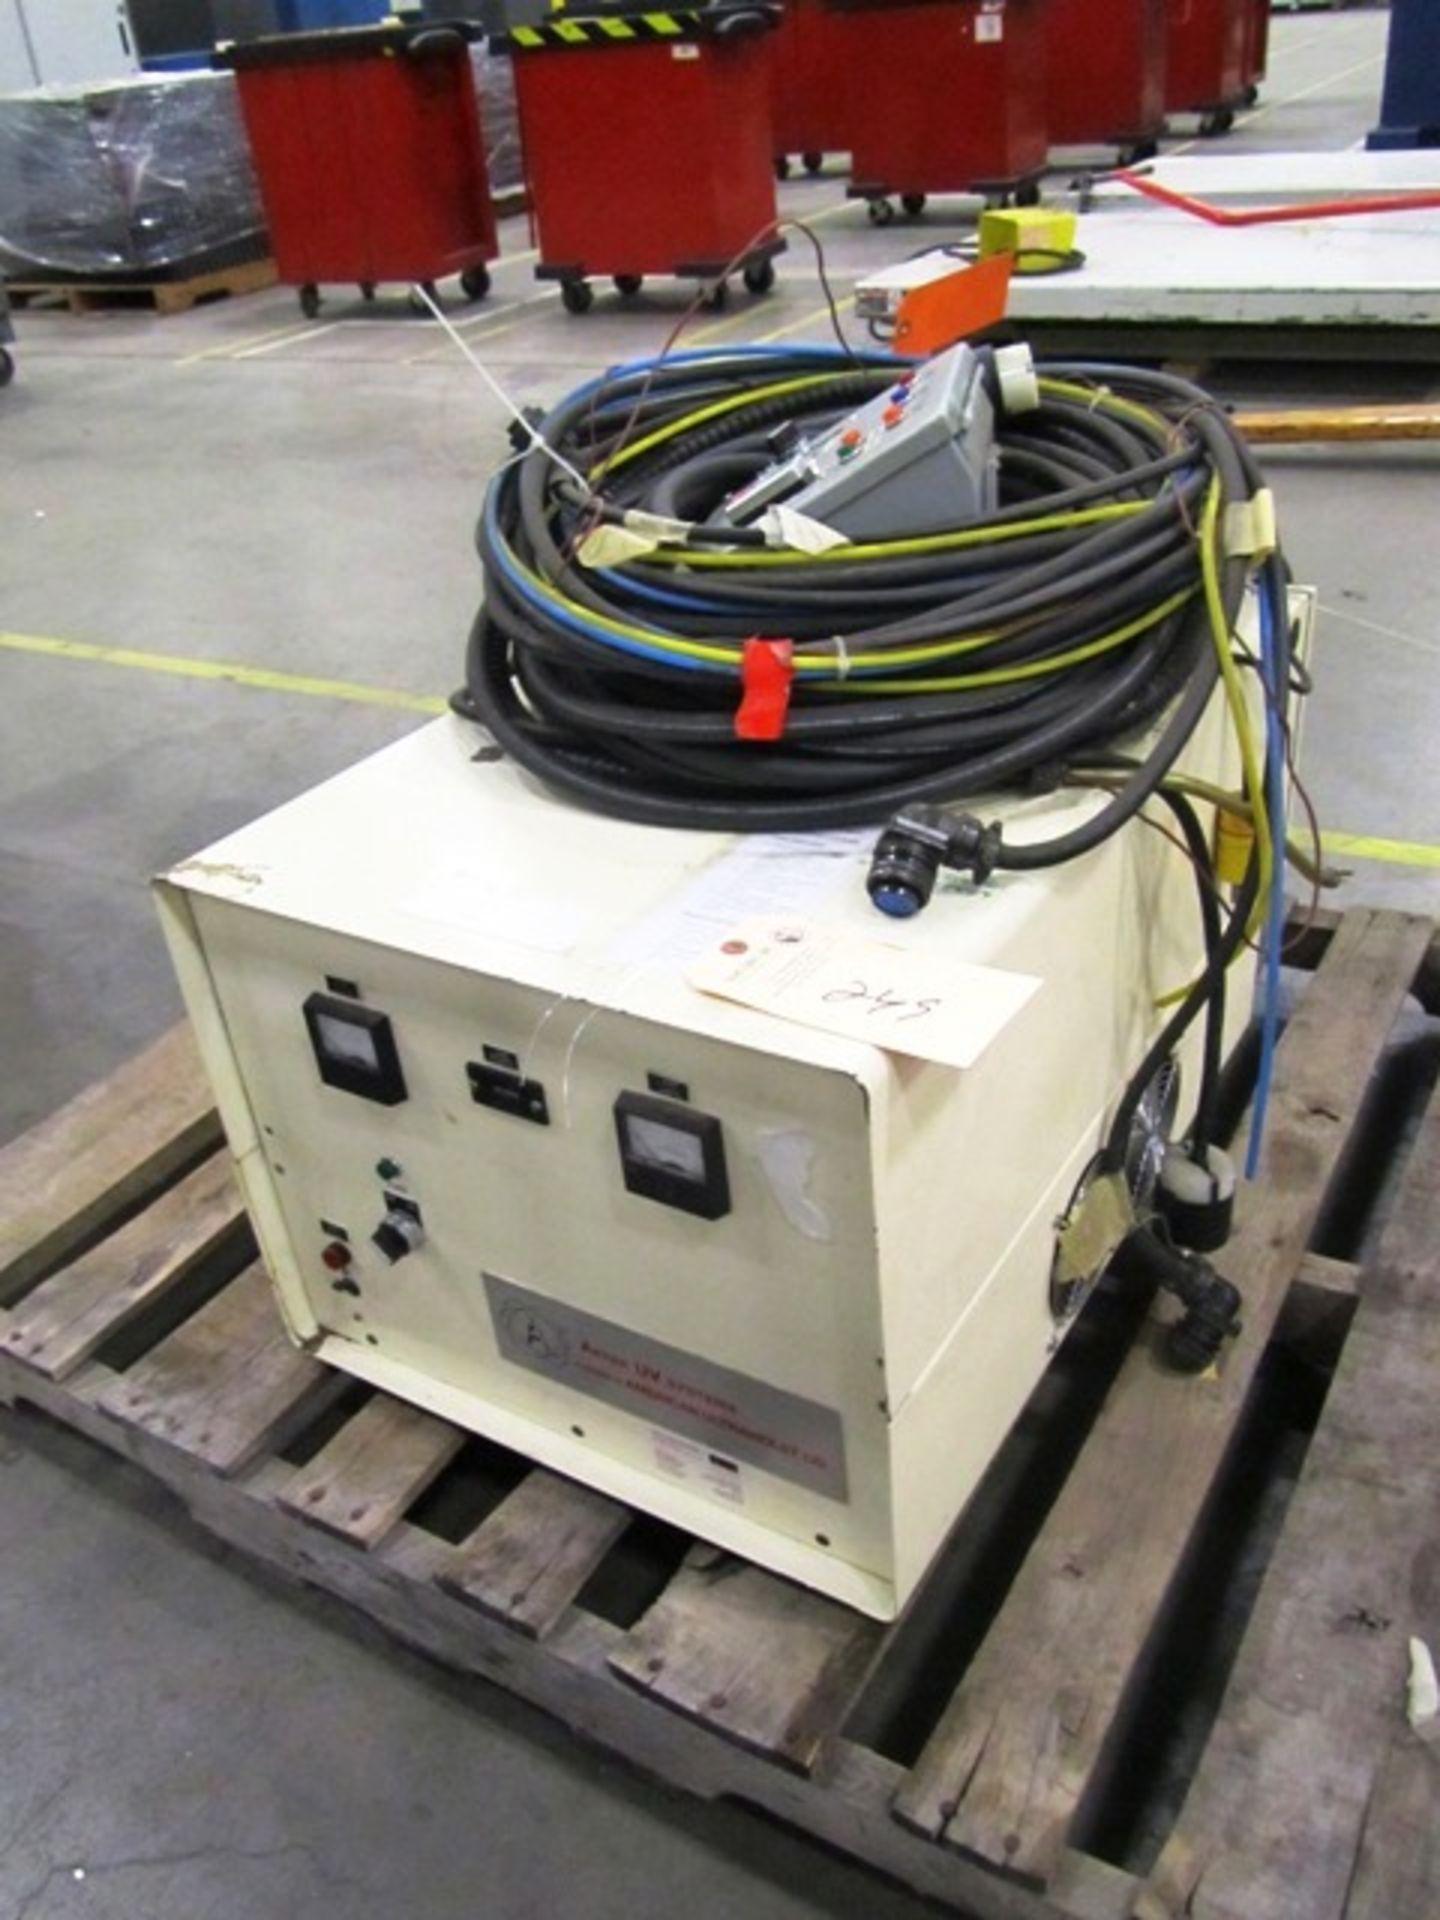 Aetek Model UPW150134DR Ultraviolet Light Unit